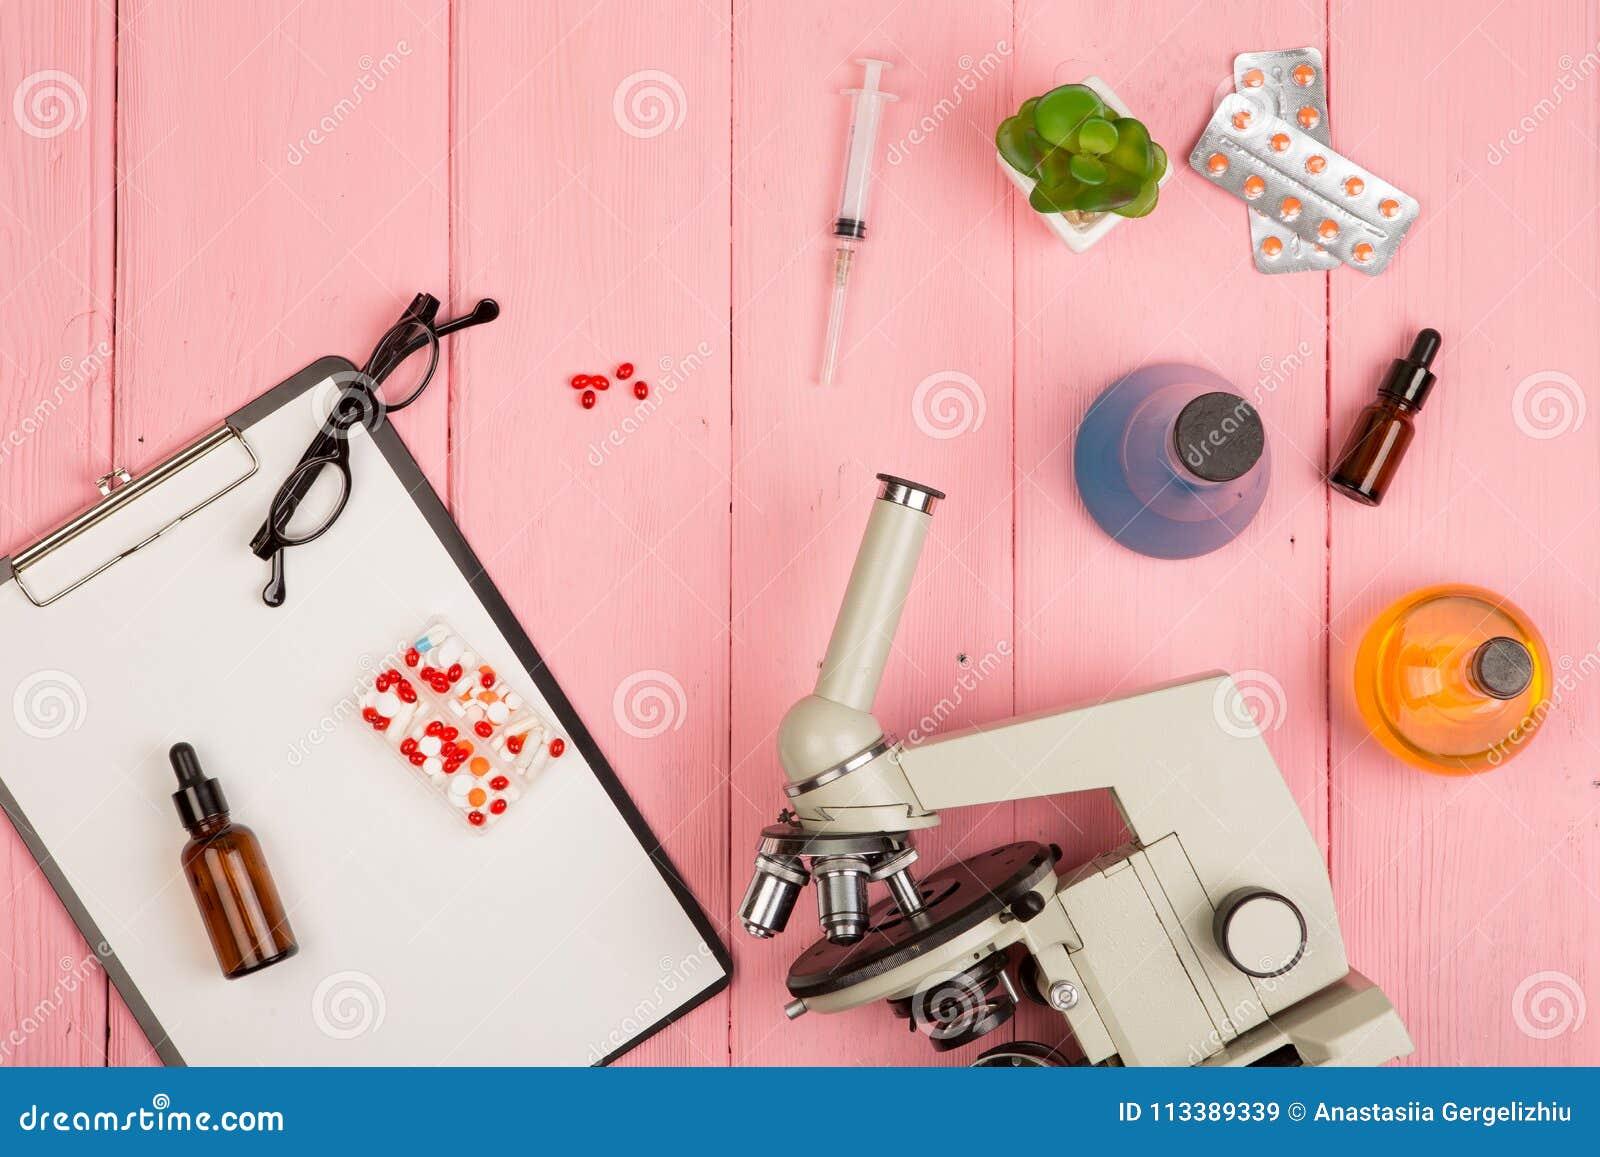 Arbeitsplatzwissenschaftlerdoktor - Mikroskop, Pillen, Spritze, Brillen, chemische Flaschen mit Flüssigkeit, Klemmbrett auf rosa